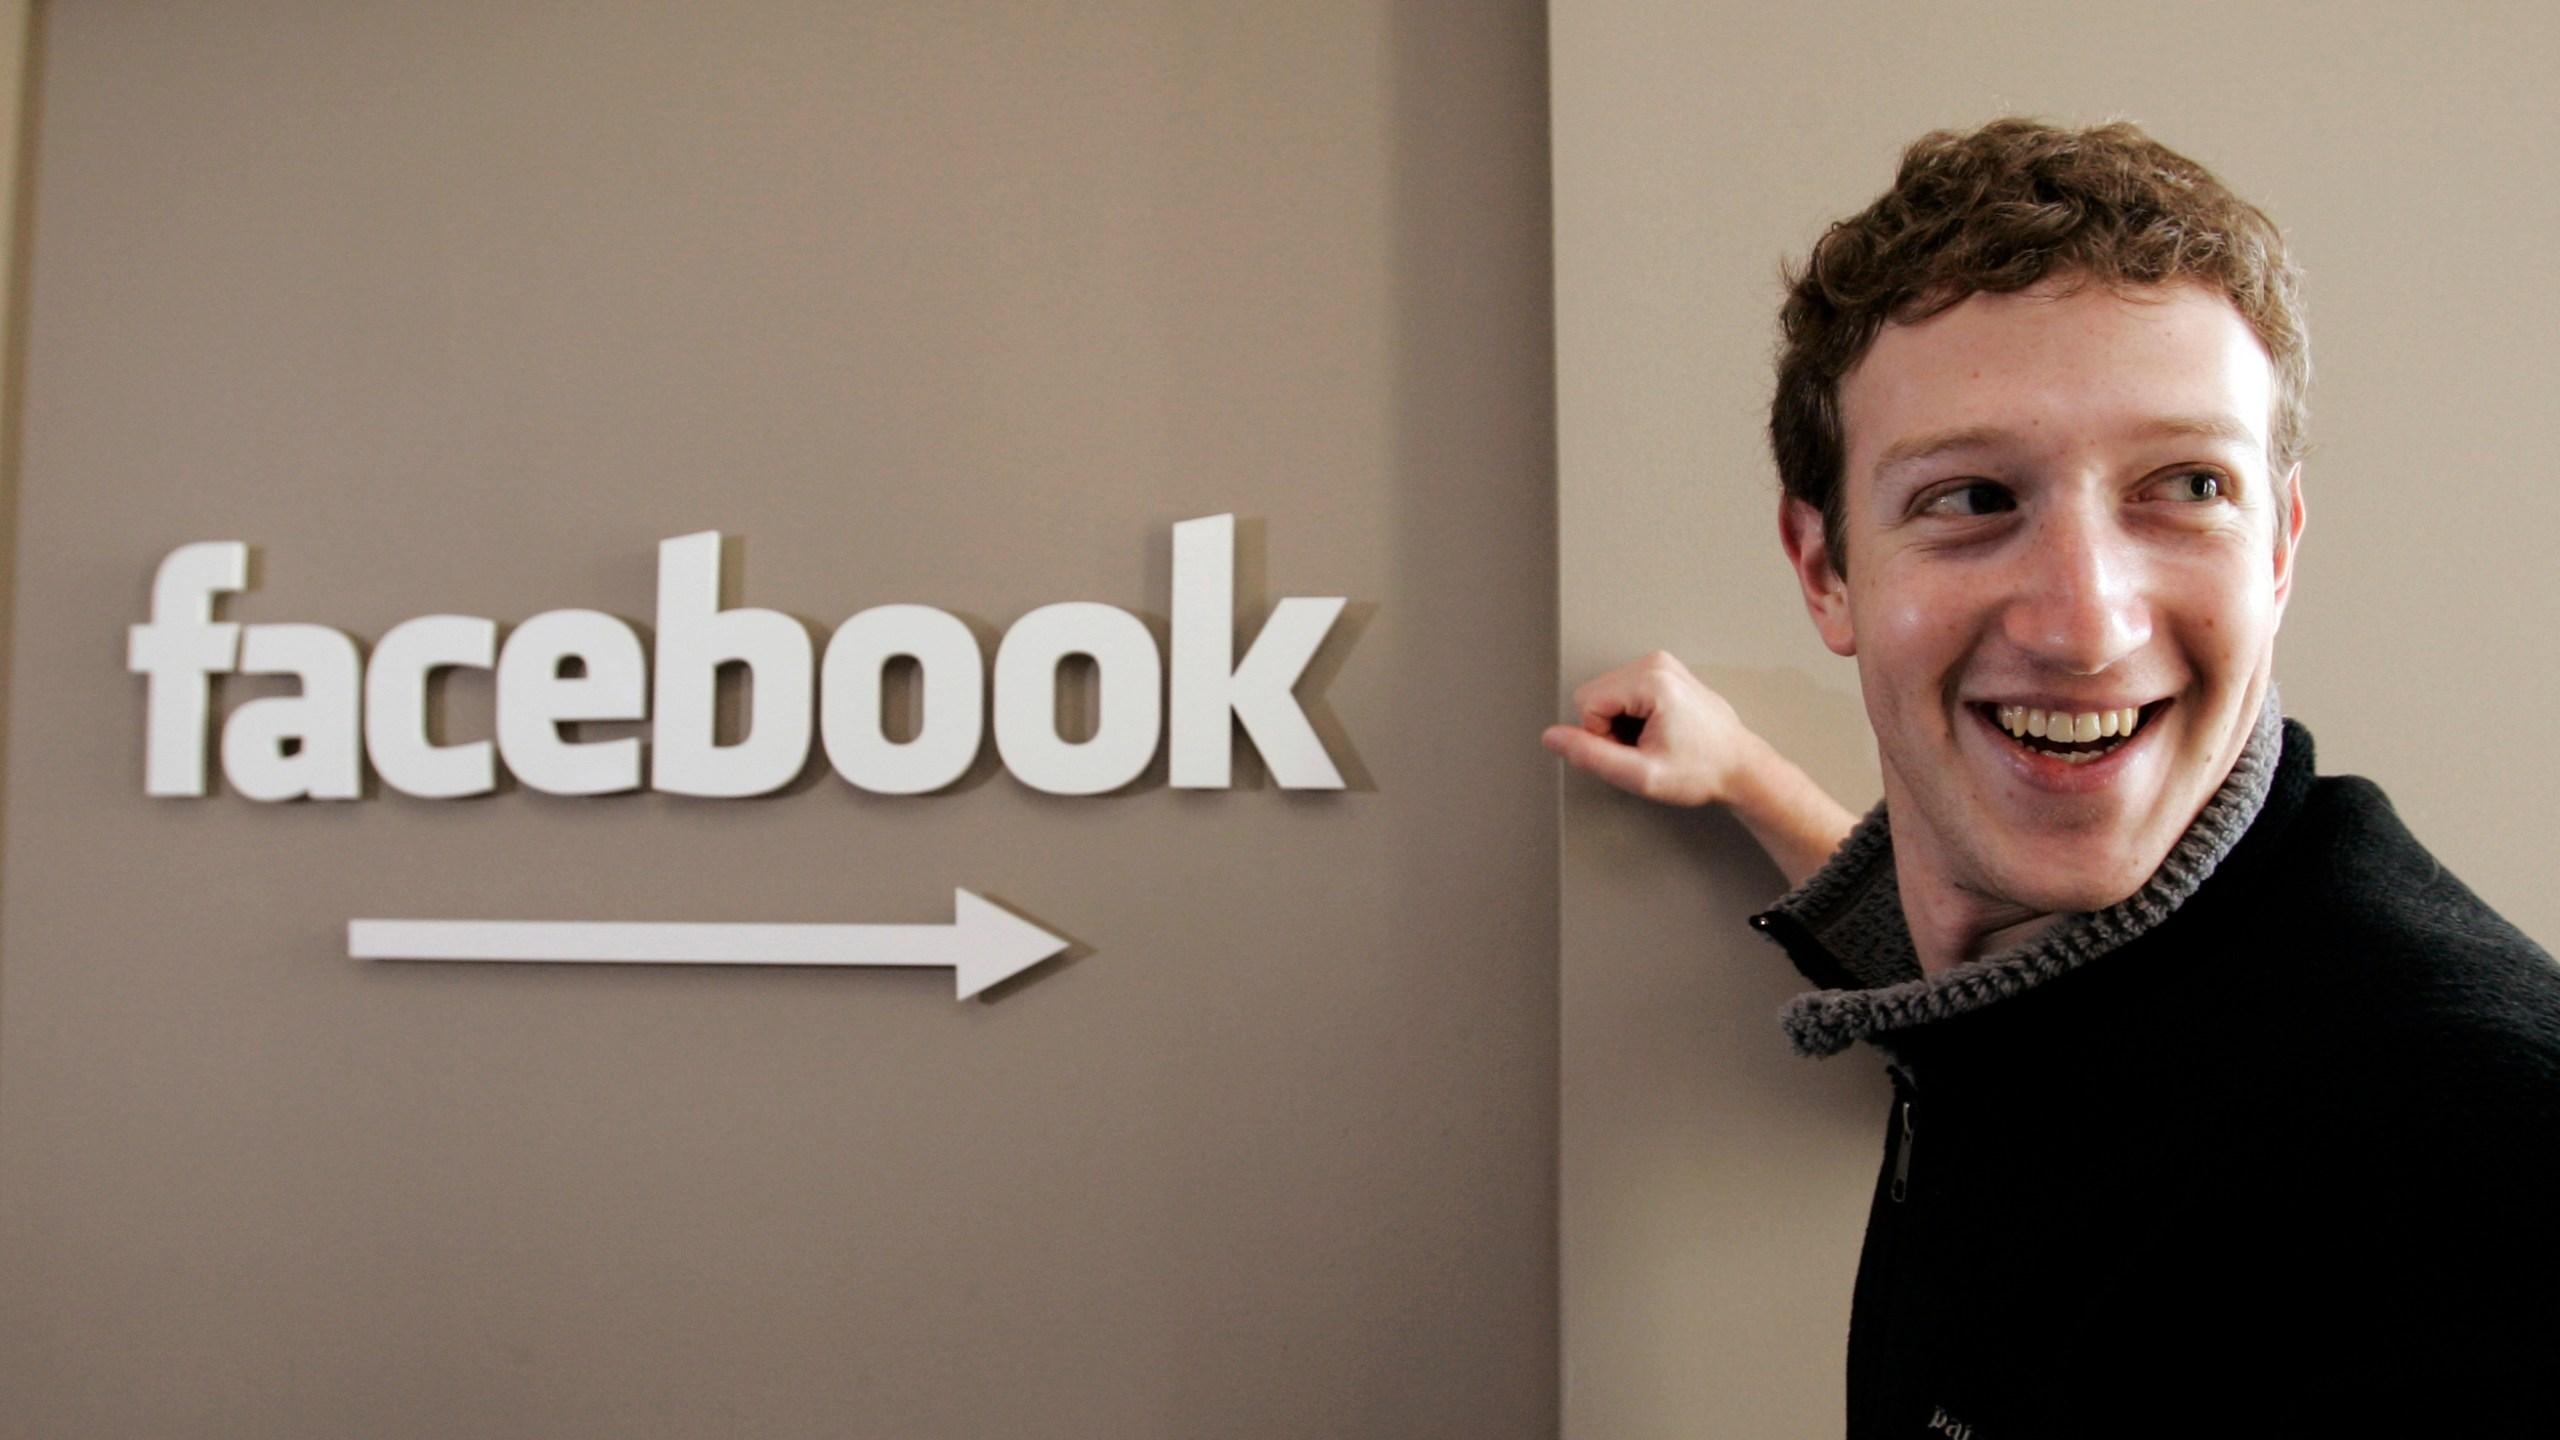 Facebook_Zuckerbergs_Challenge_37949-159532.jpg61065016